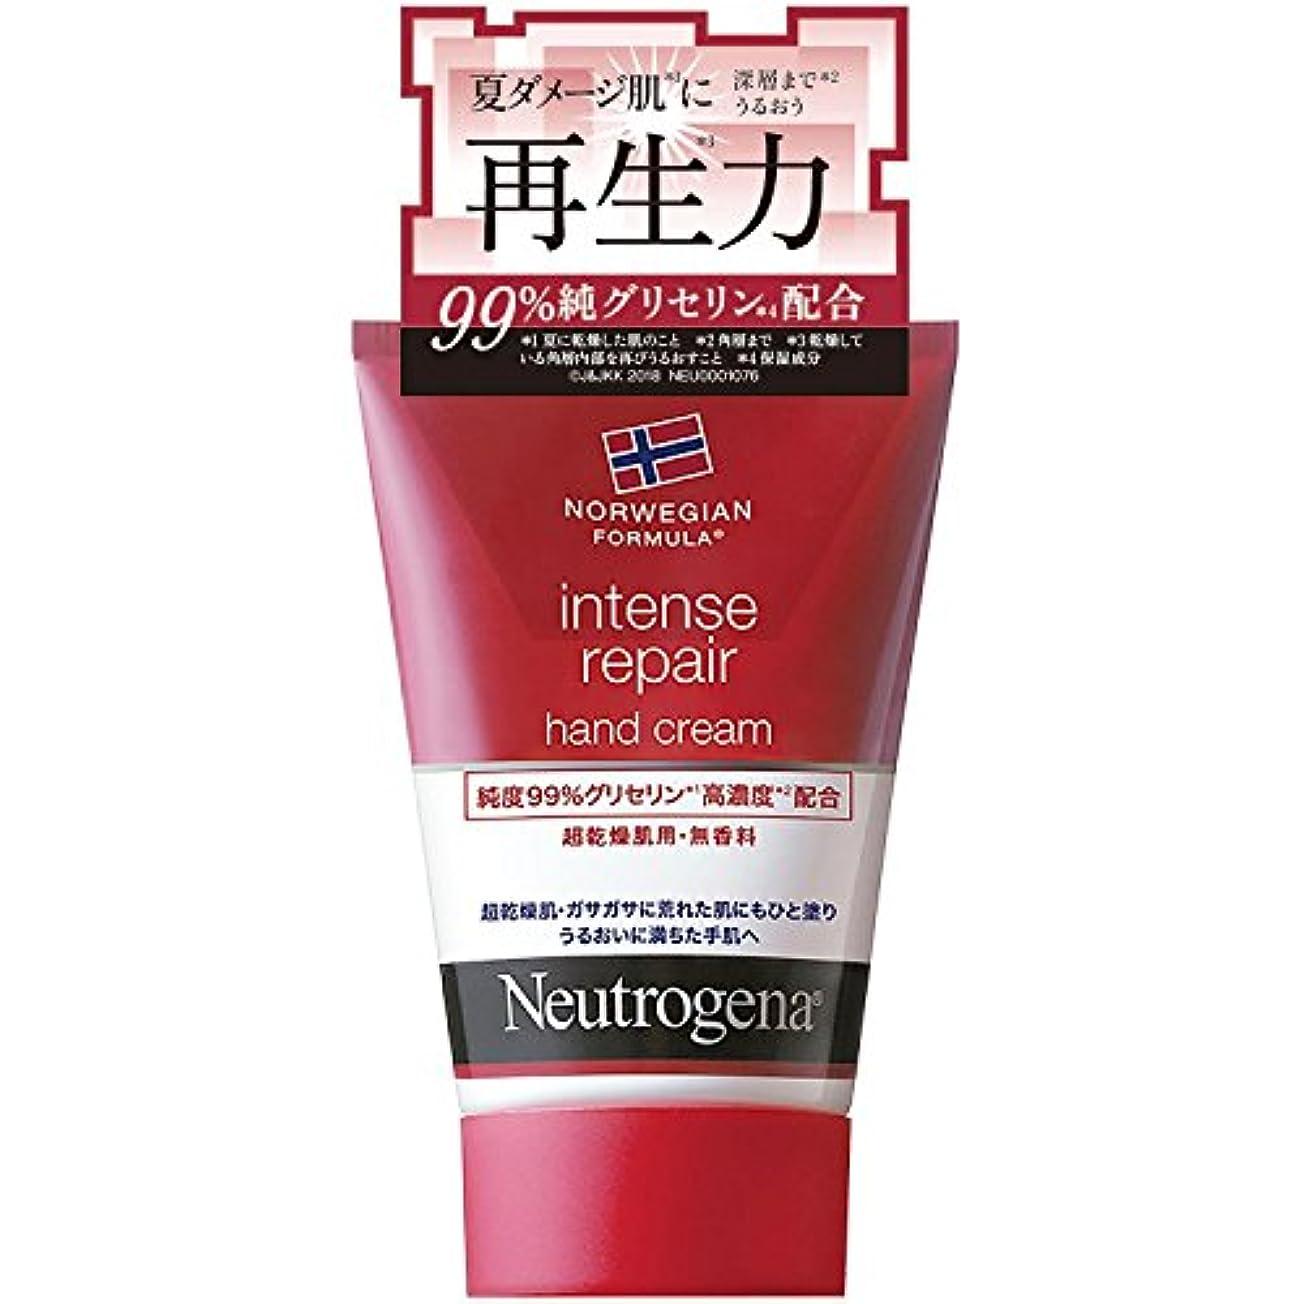 悪化させるモバイルシーフードNeutrogena(ニュートロジーナ) ノルウェーフォーミュラ インテンスリペア ハンドクリーム 超乾燥肌用 無香料 単品 50g